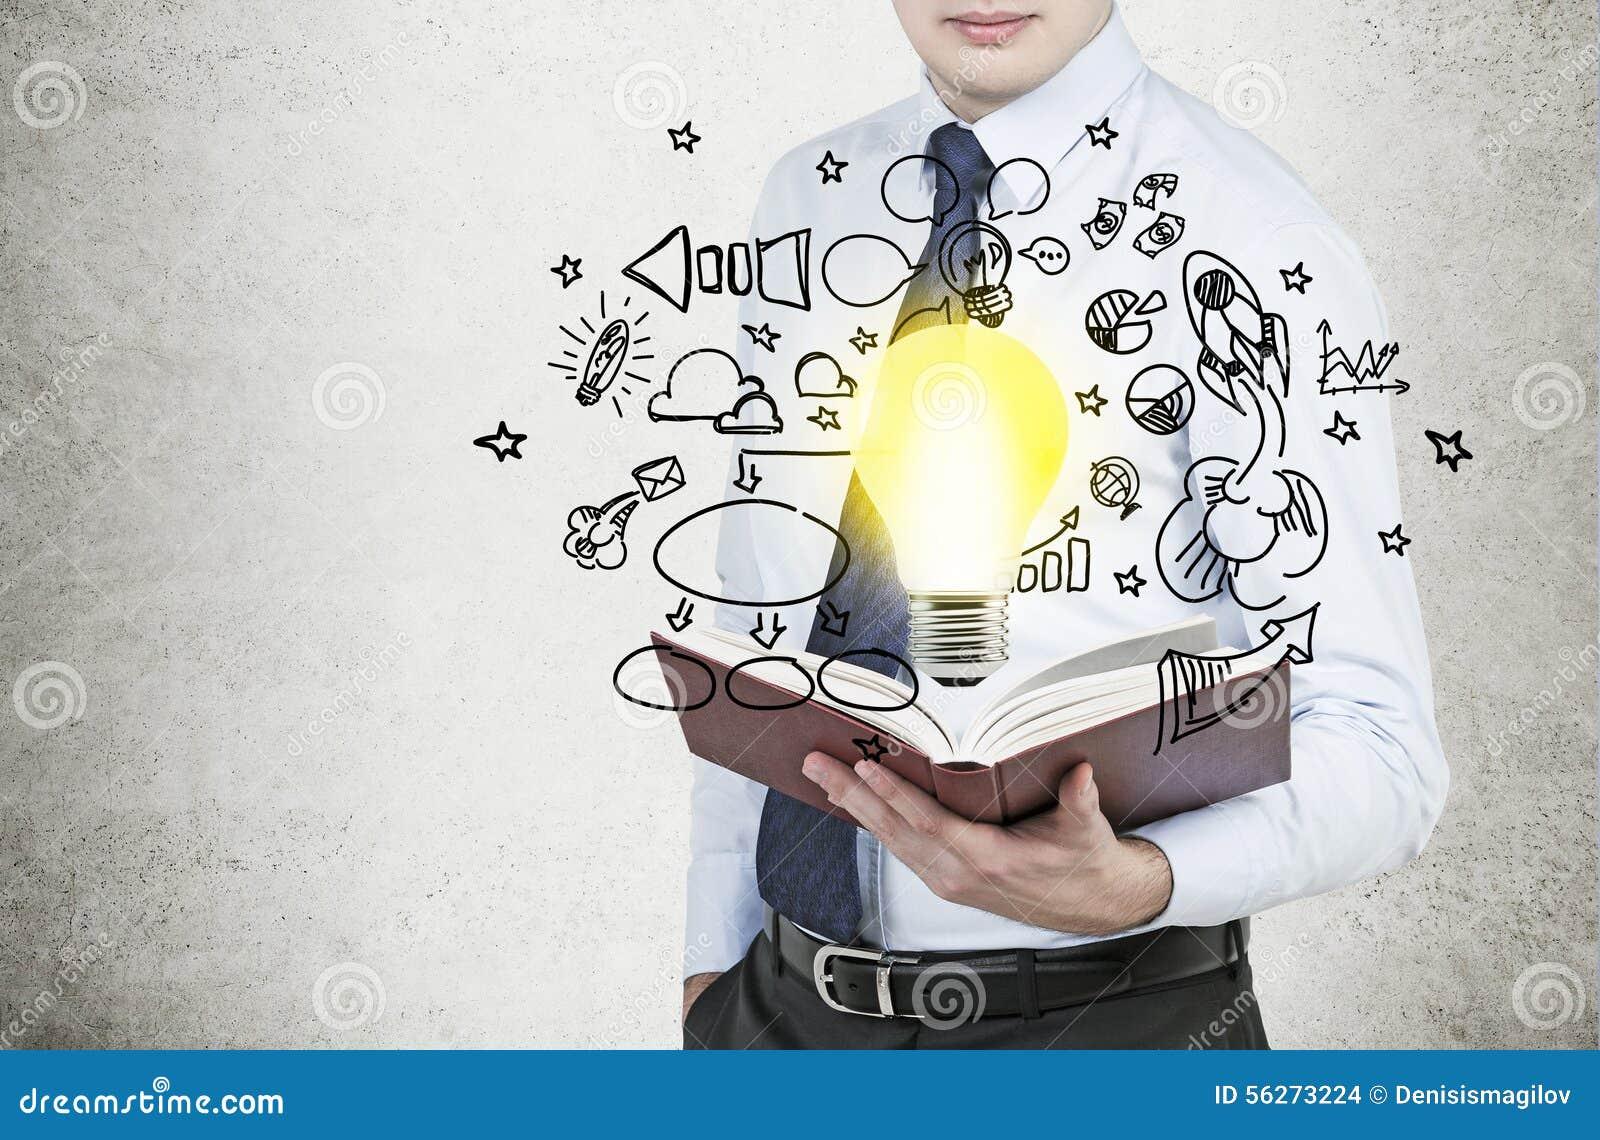 O homem de negócios está guardando um livro com voo em torno dos ícones do negócio e de uma ampola como um conceito das ideias no